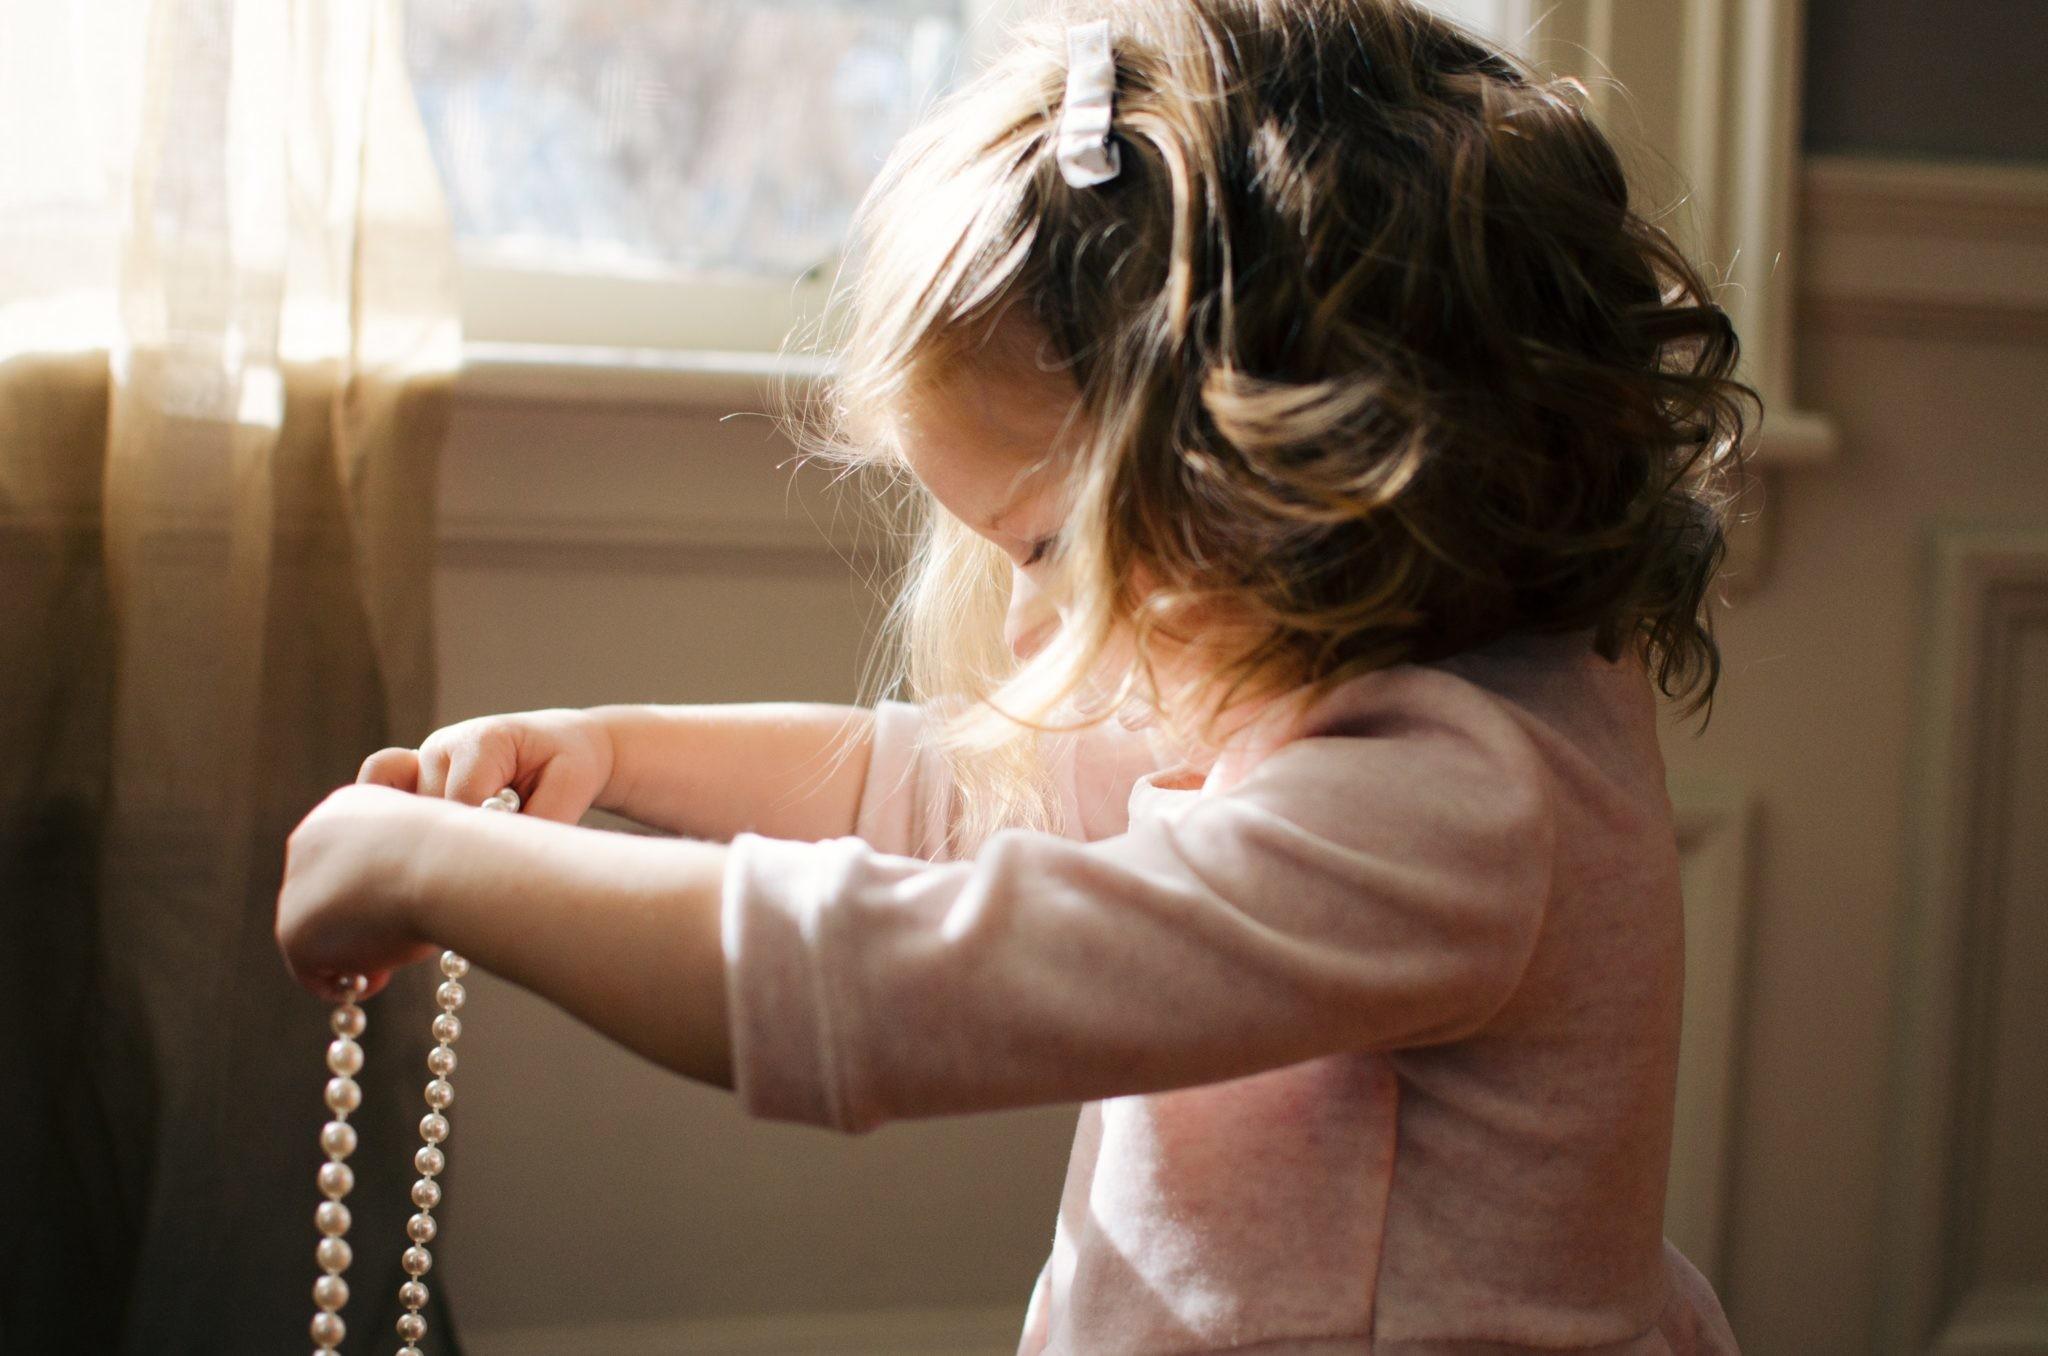 Одеваем ребенка быстро и без слез: советы матери пятерых детей